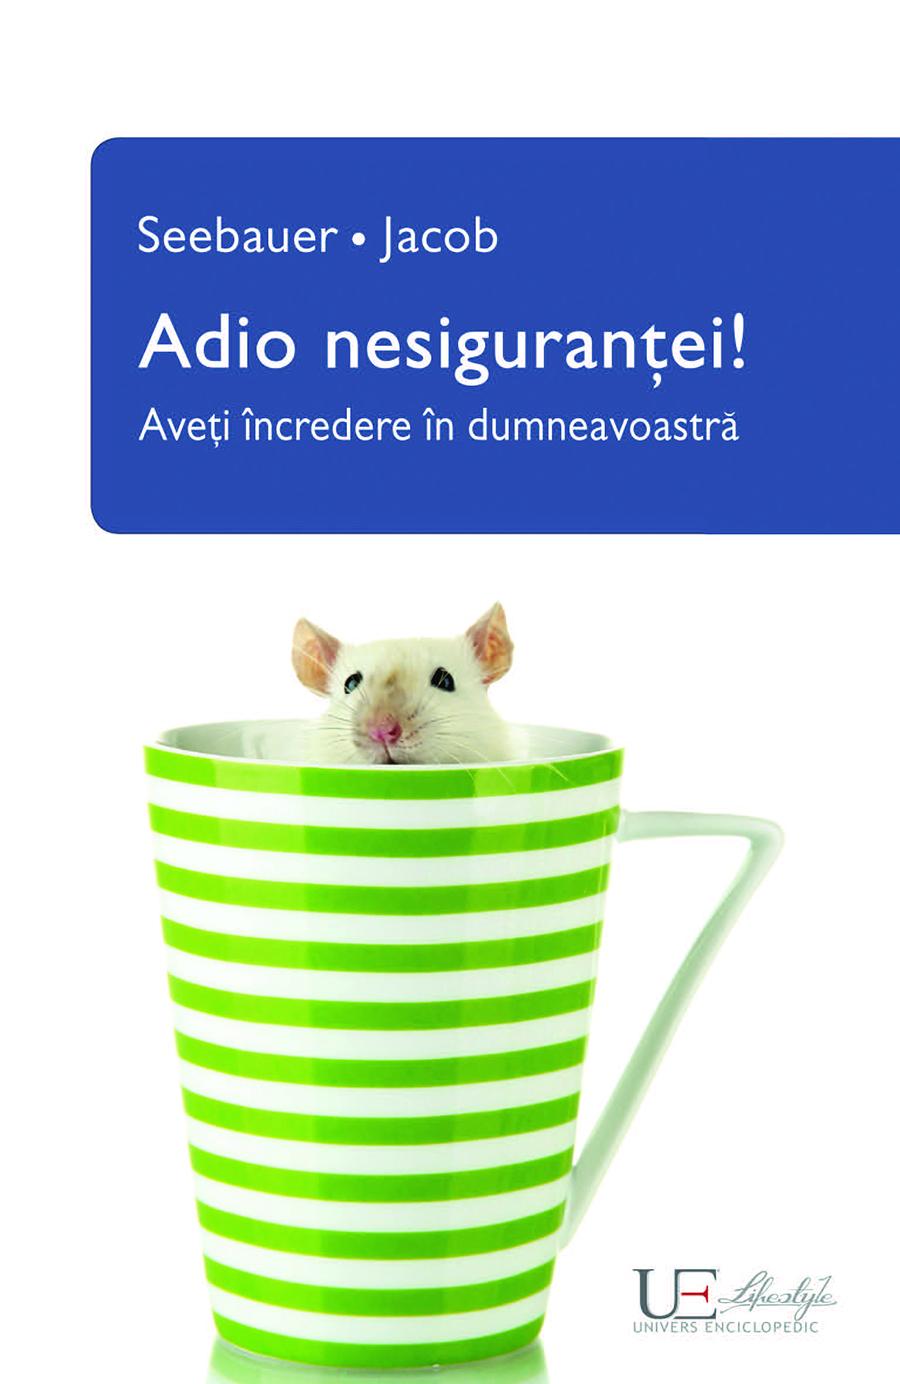 Book Cover: Adio nesigurantei! Aveti incredere in dumneavoastra